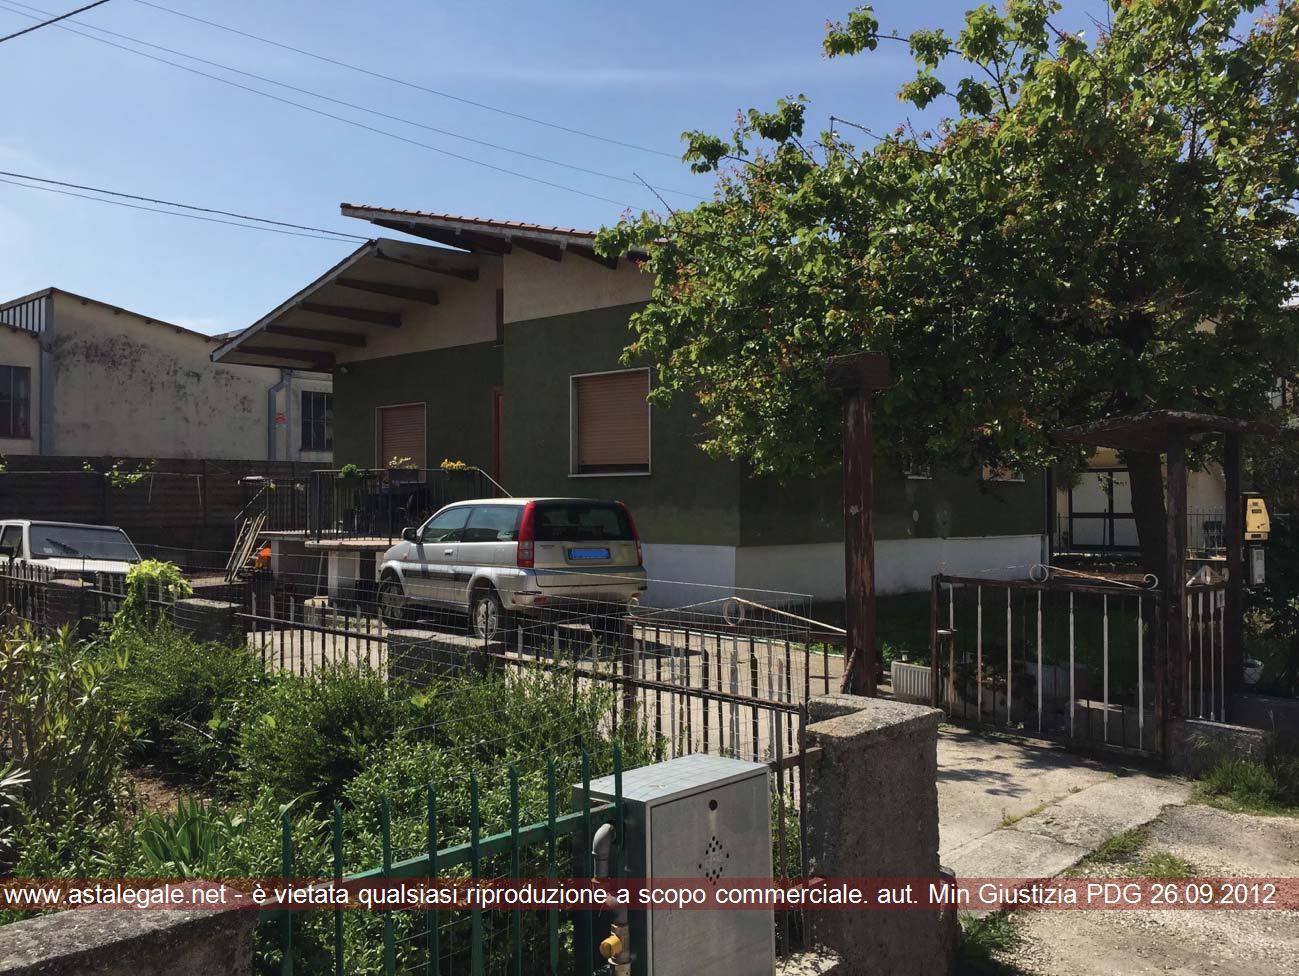 Brendola (VI) Quartiere Pedocchio, Via F. Crispi 11